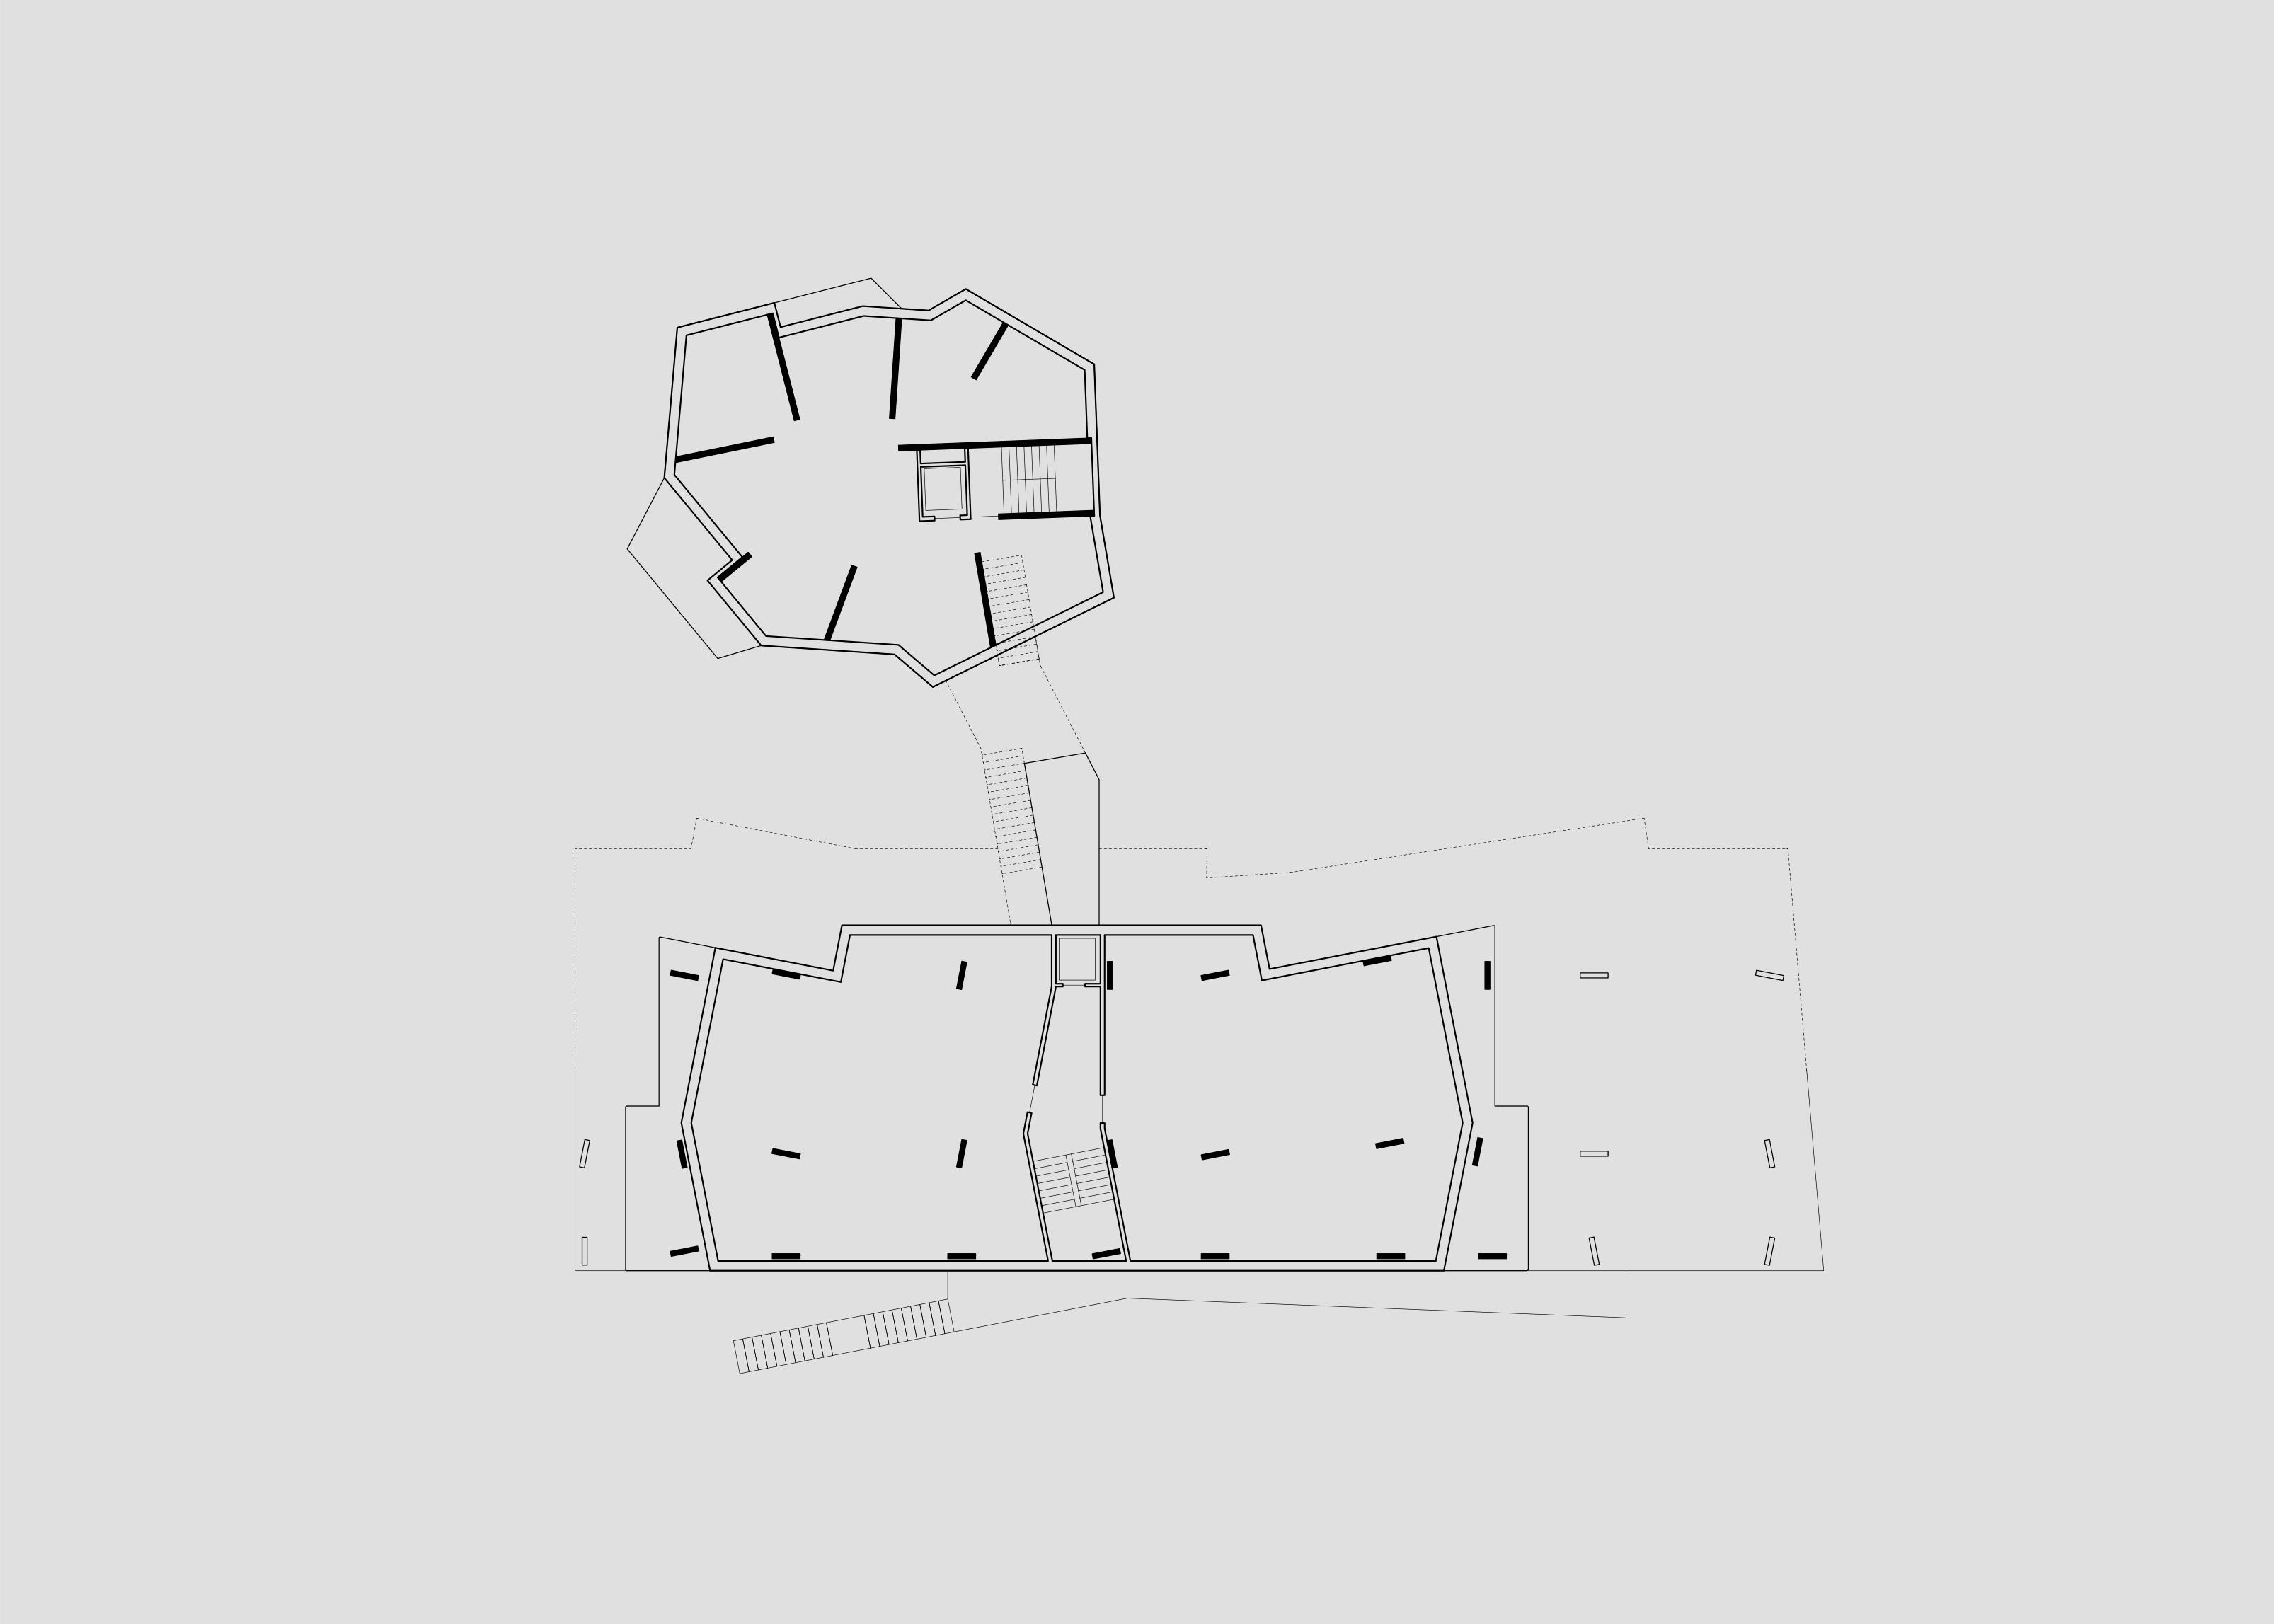 Strukturplan beider Häuser an der Rechenettestrasse